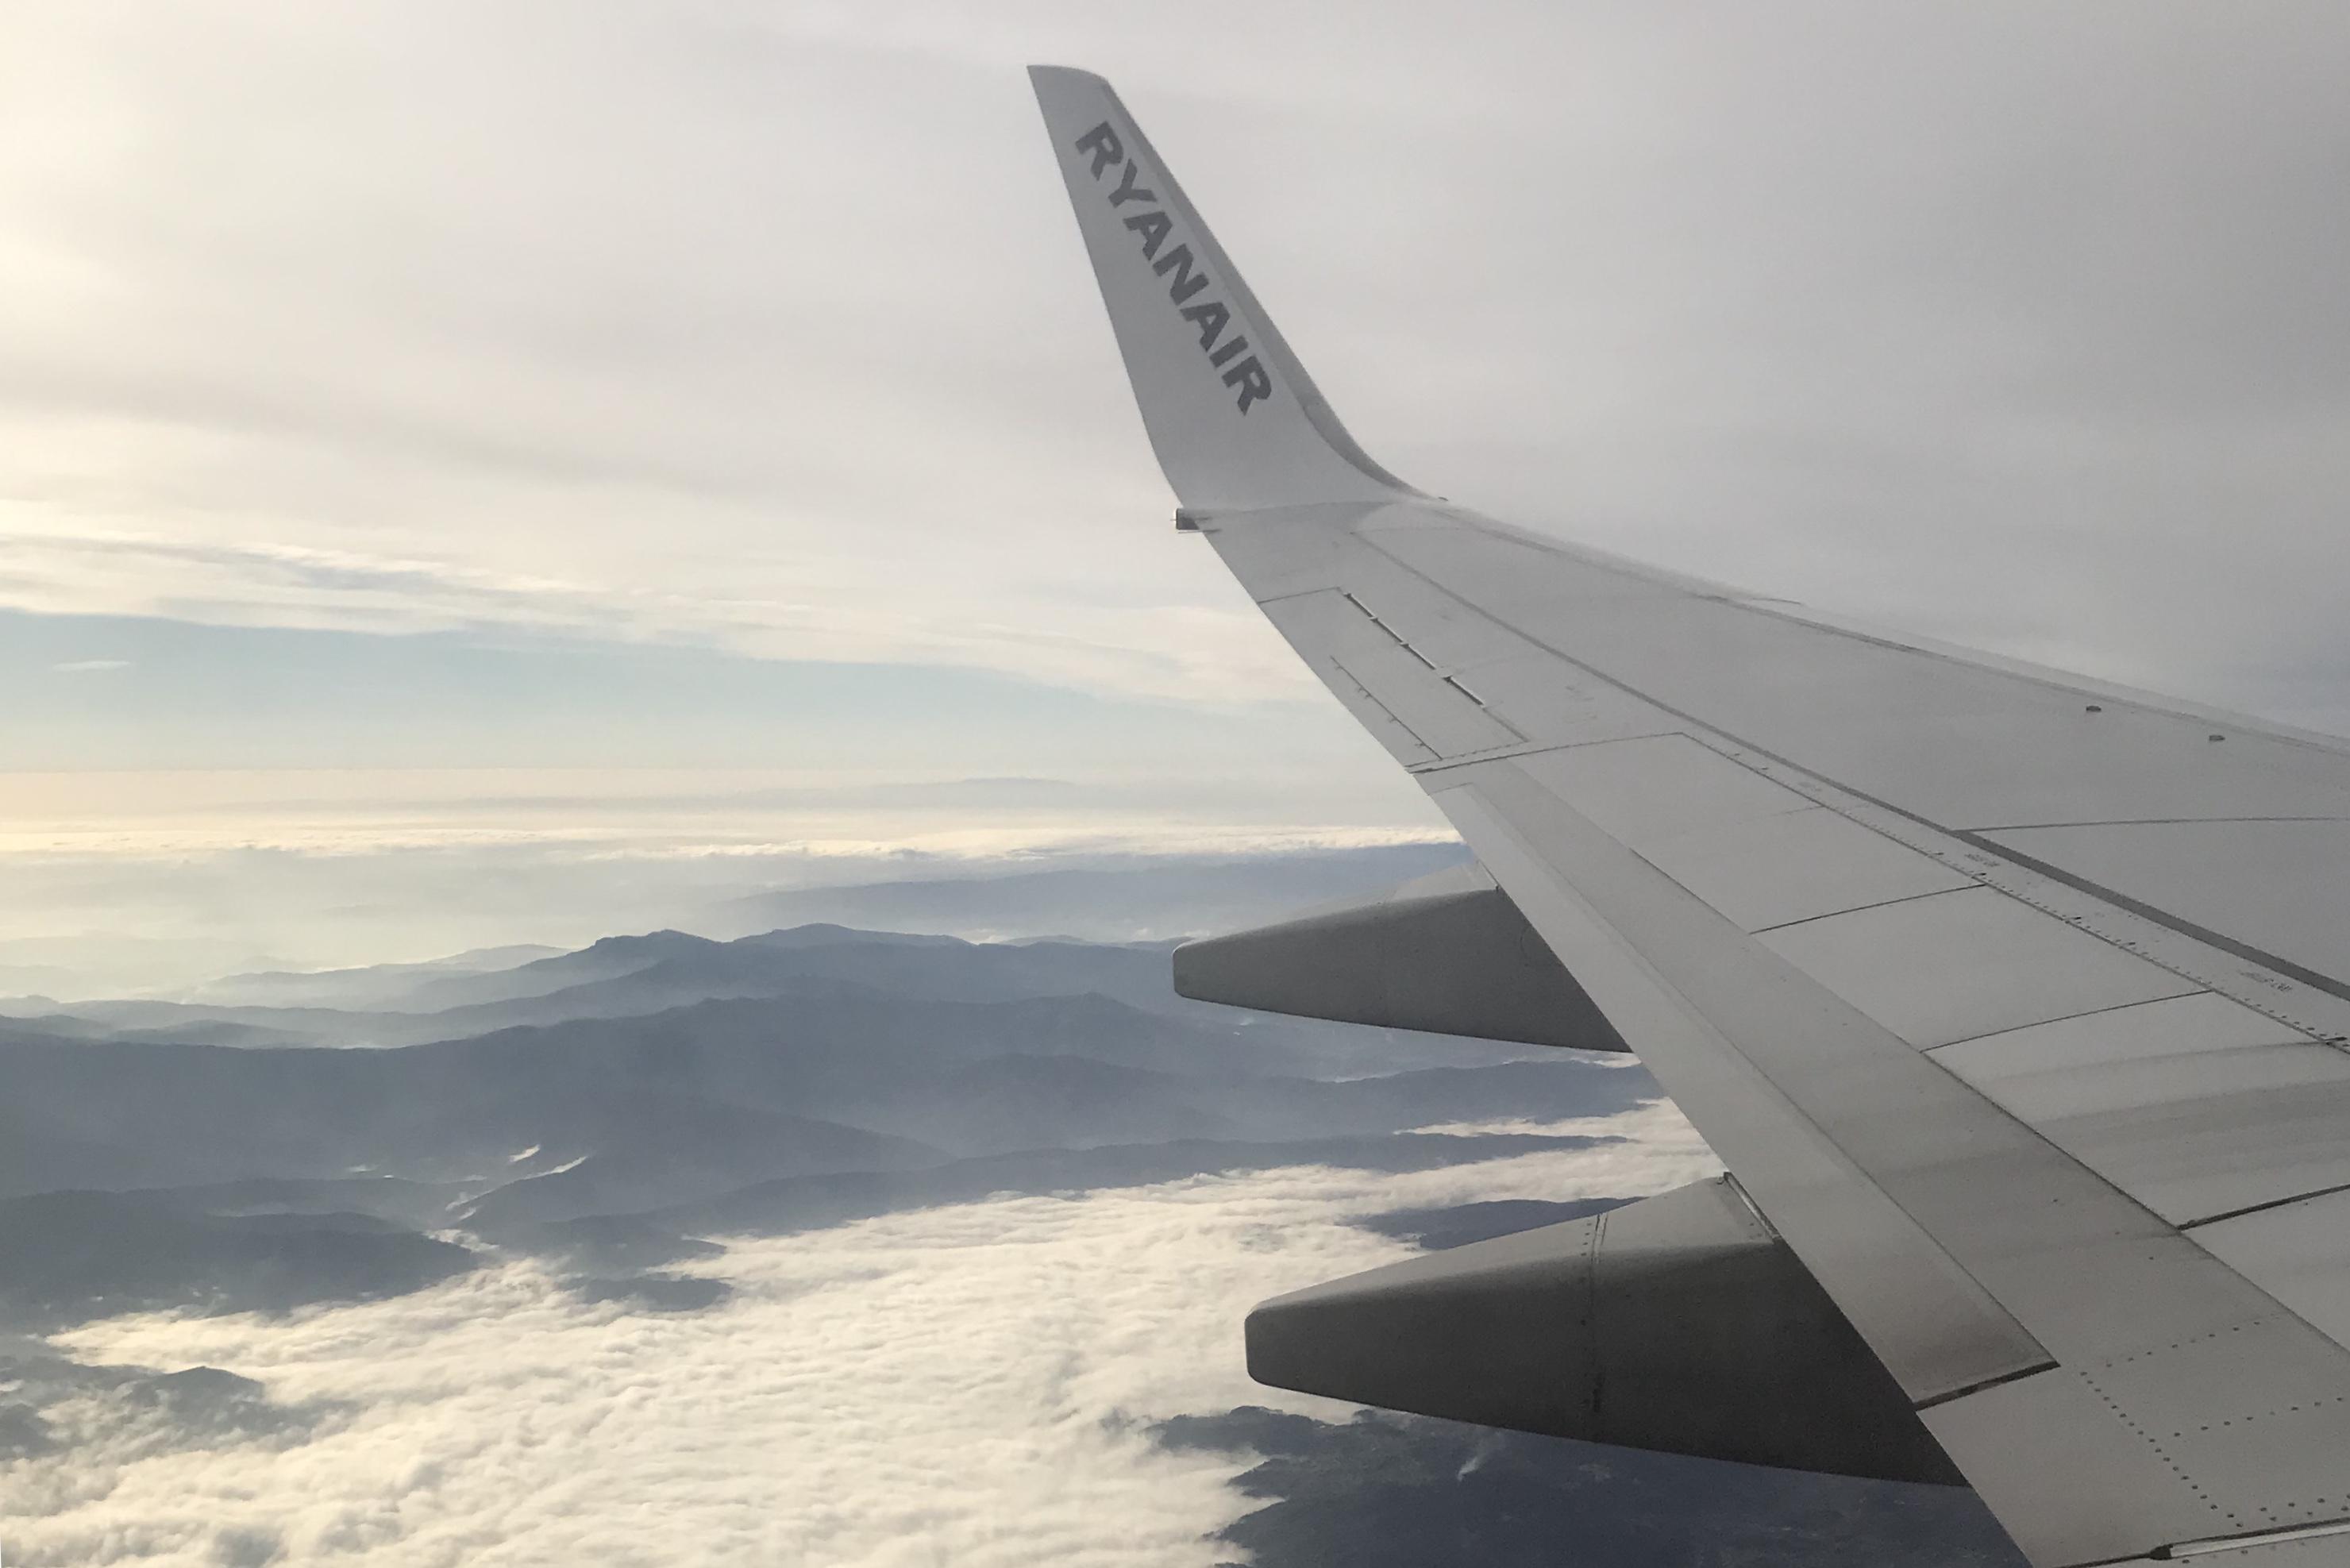 Viajes de un día ¿merecen la pena?